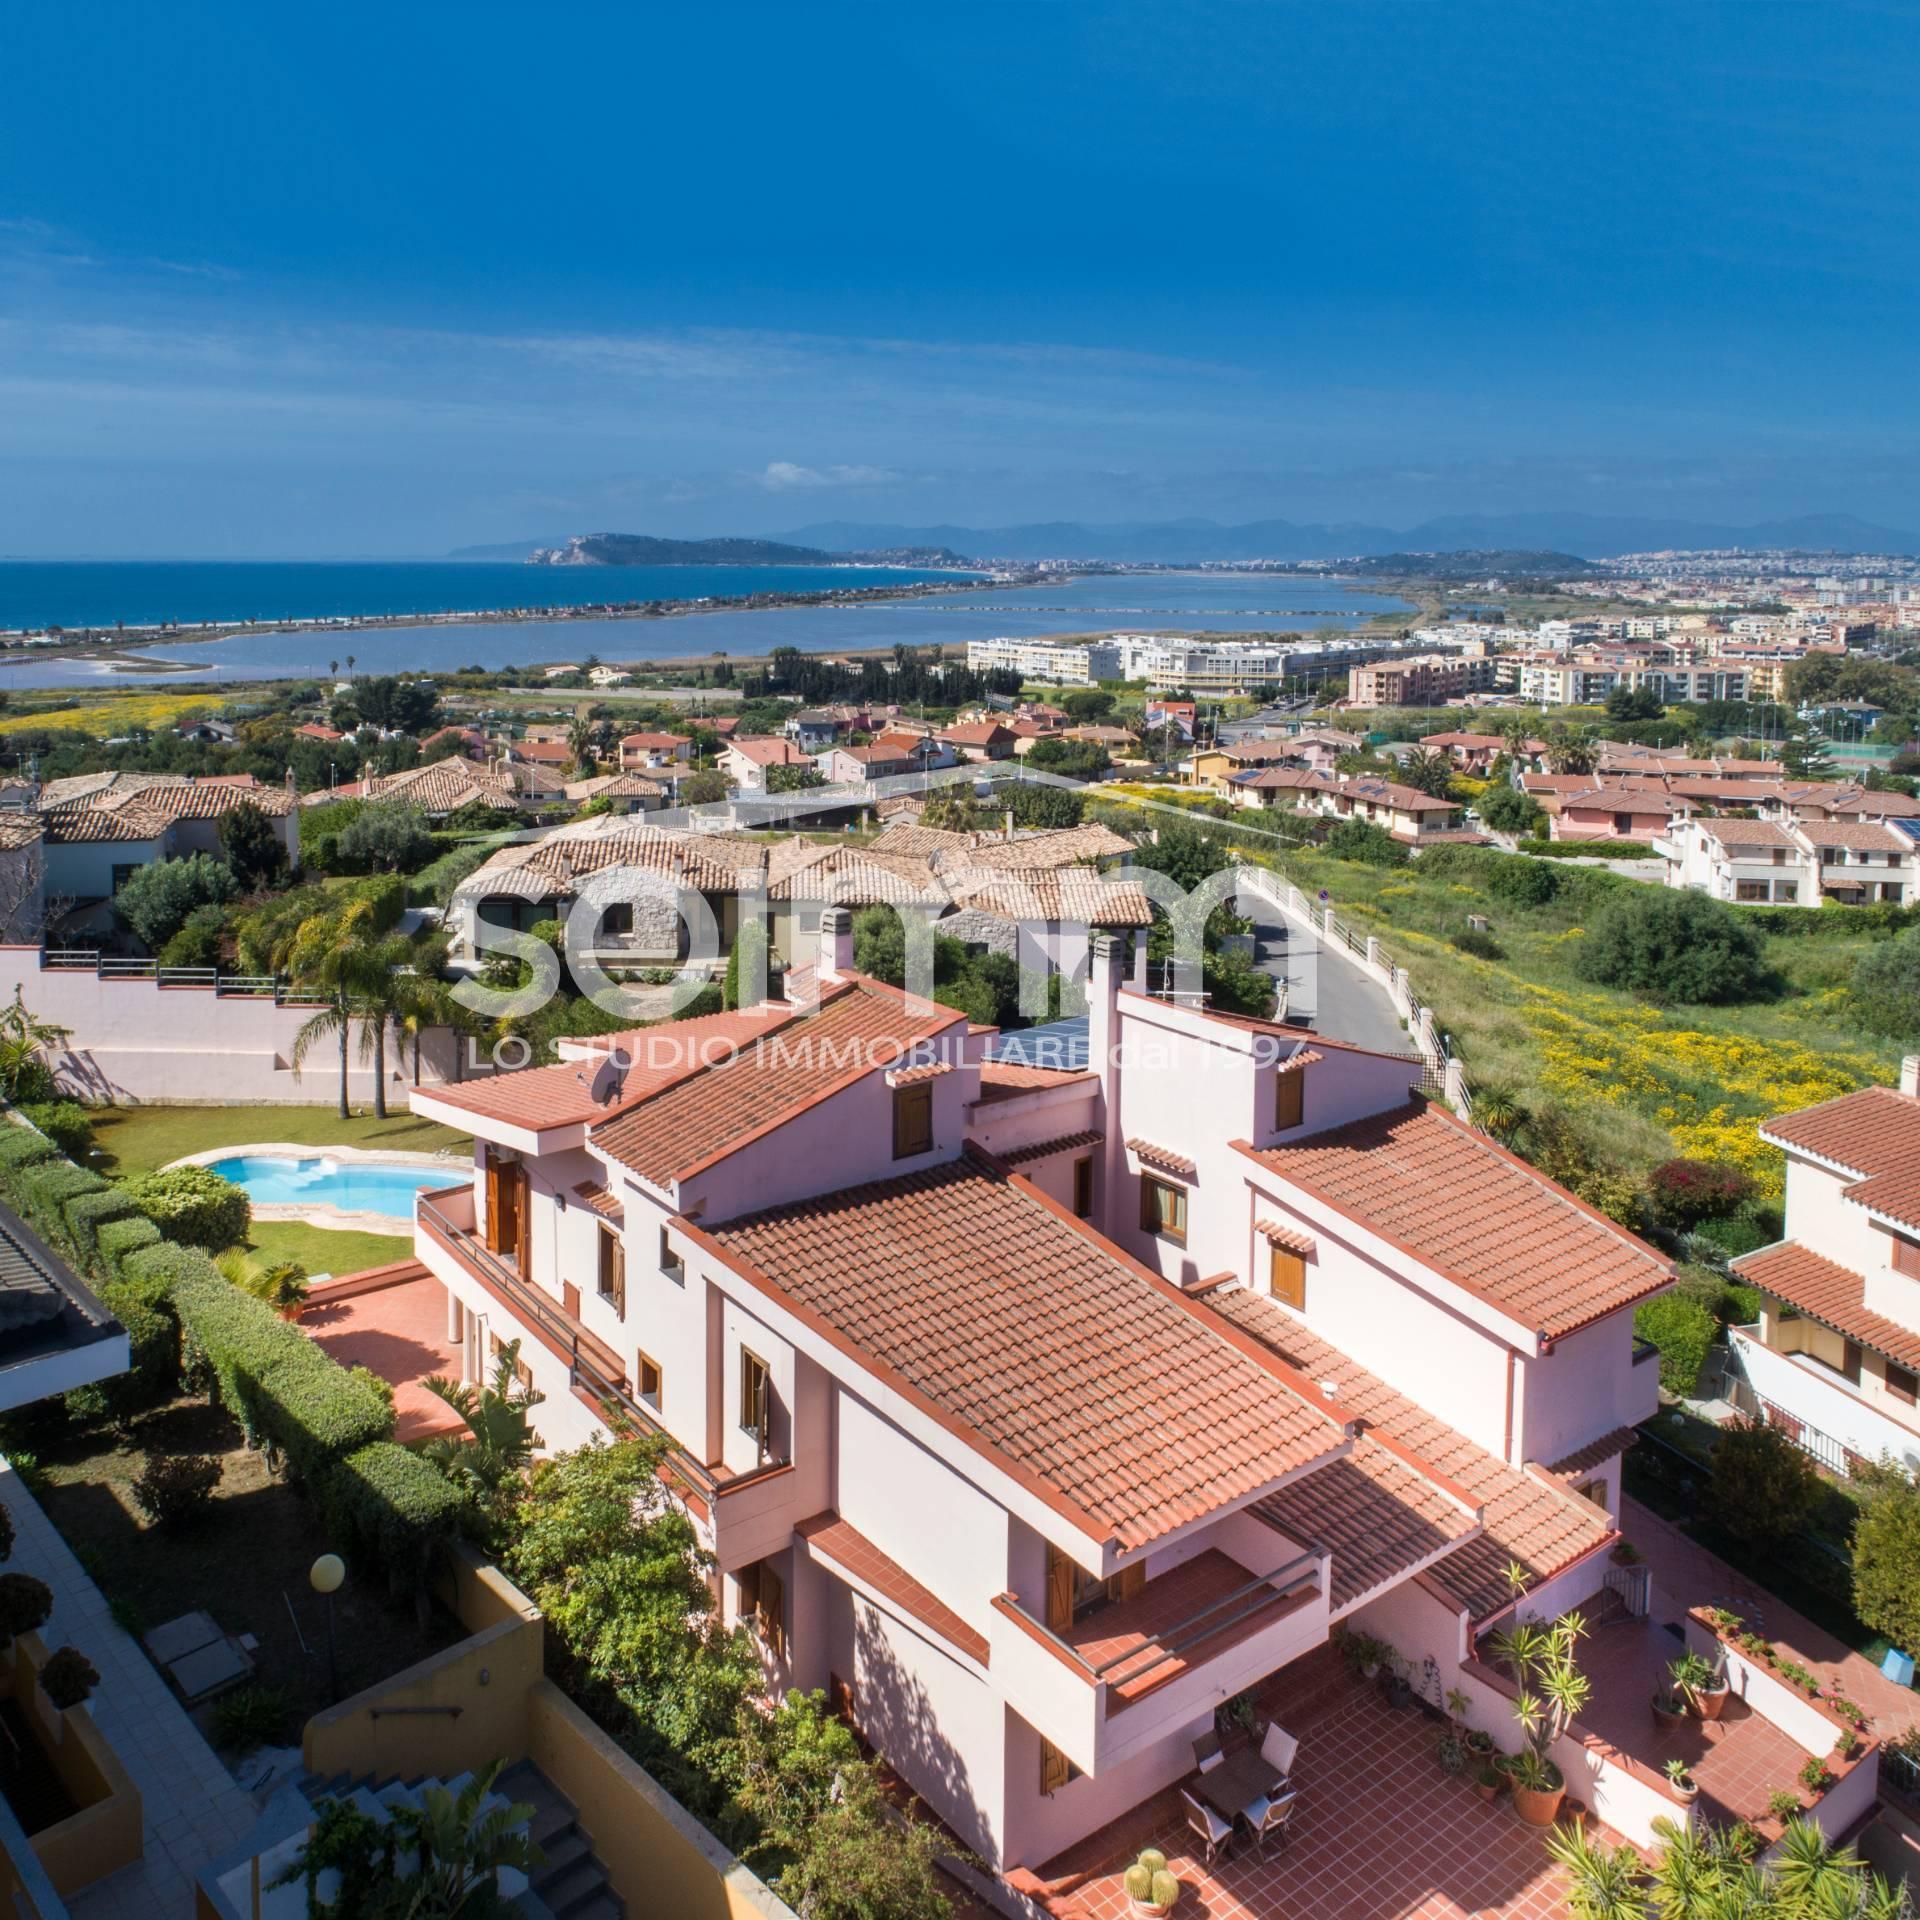 Villa Bifamiliare in Vendita a Quartu Sant'Elena - Cod. AO319